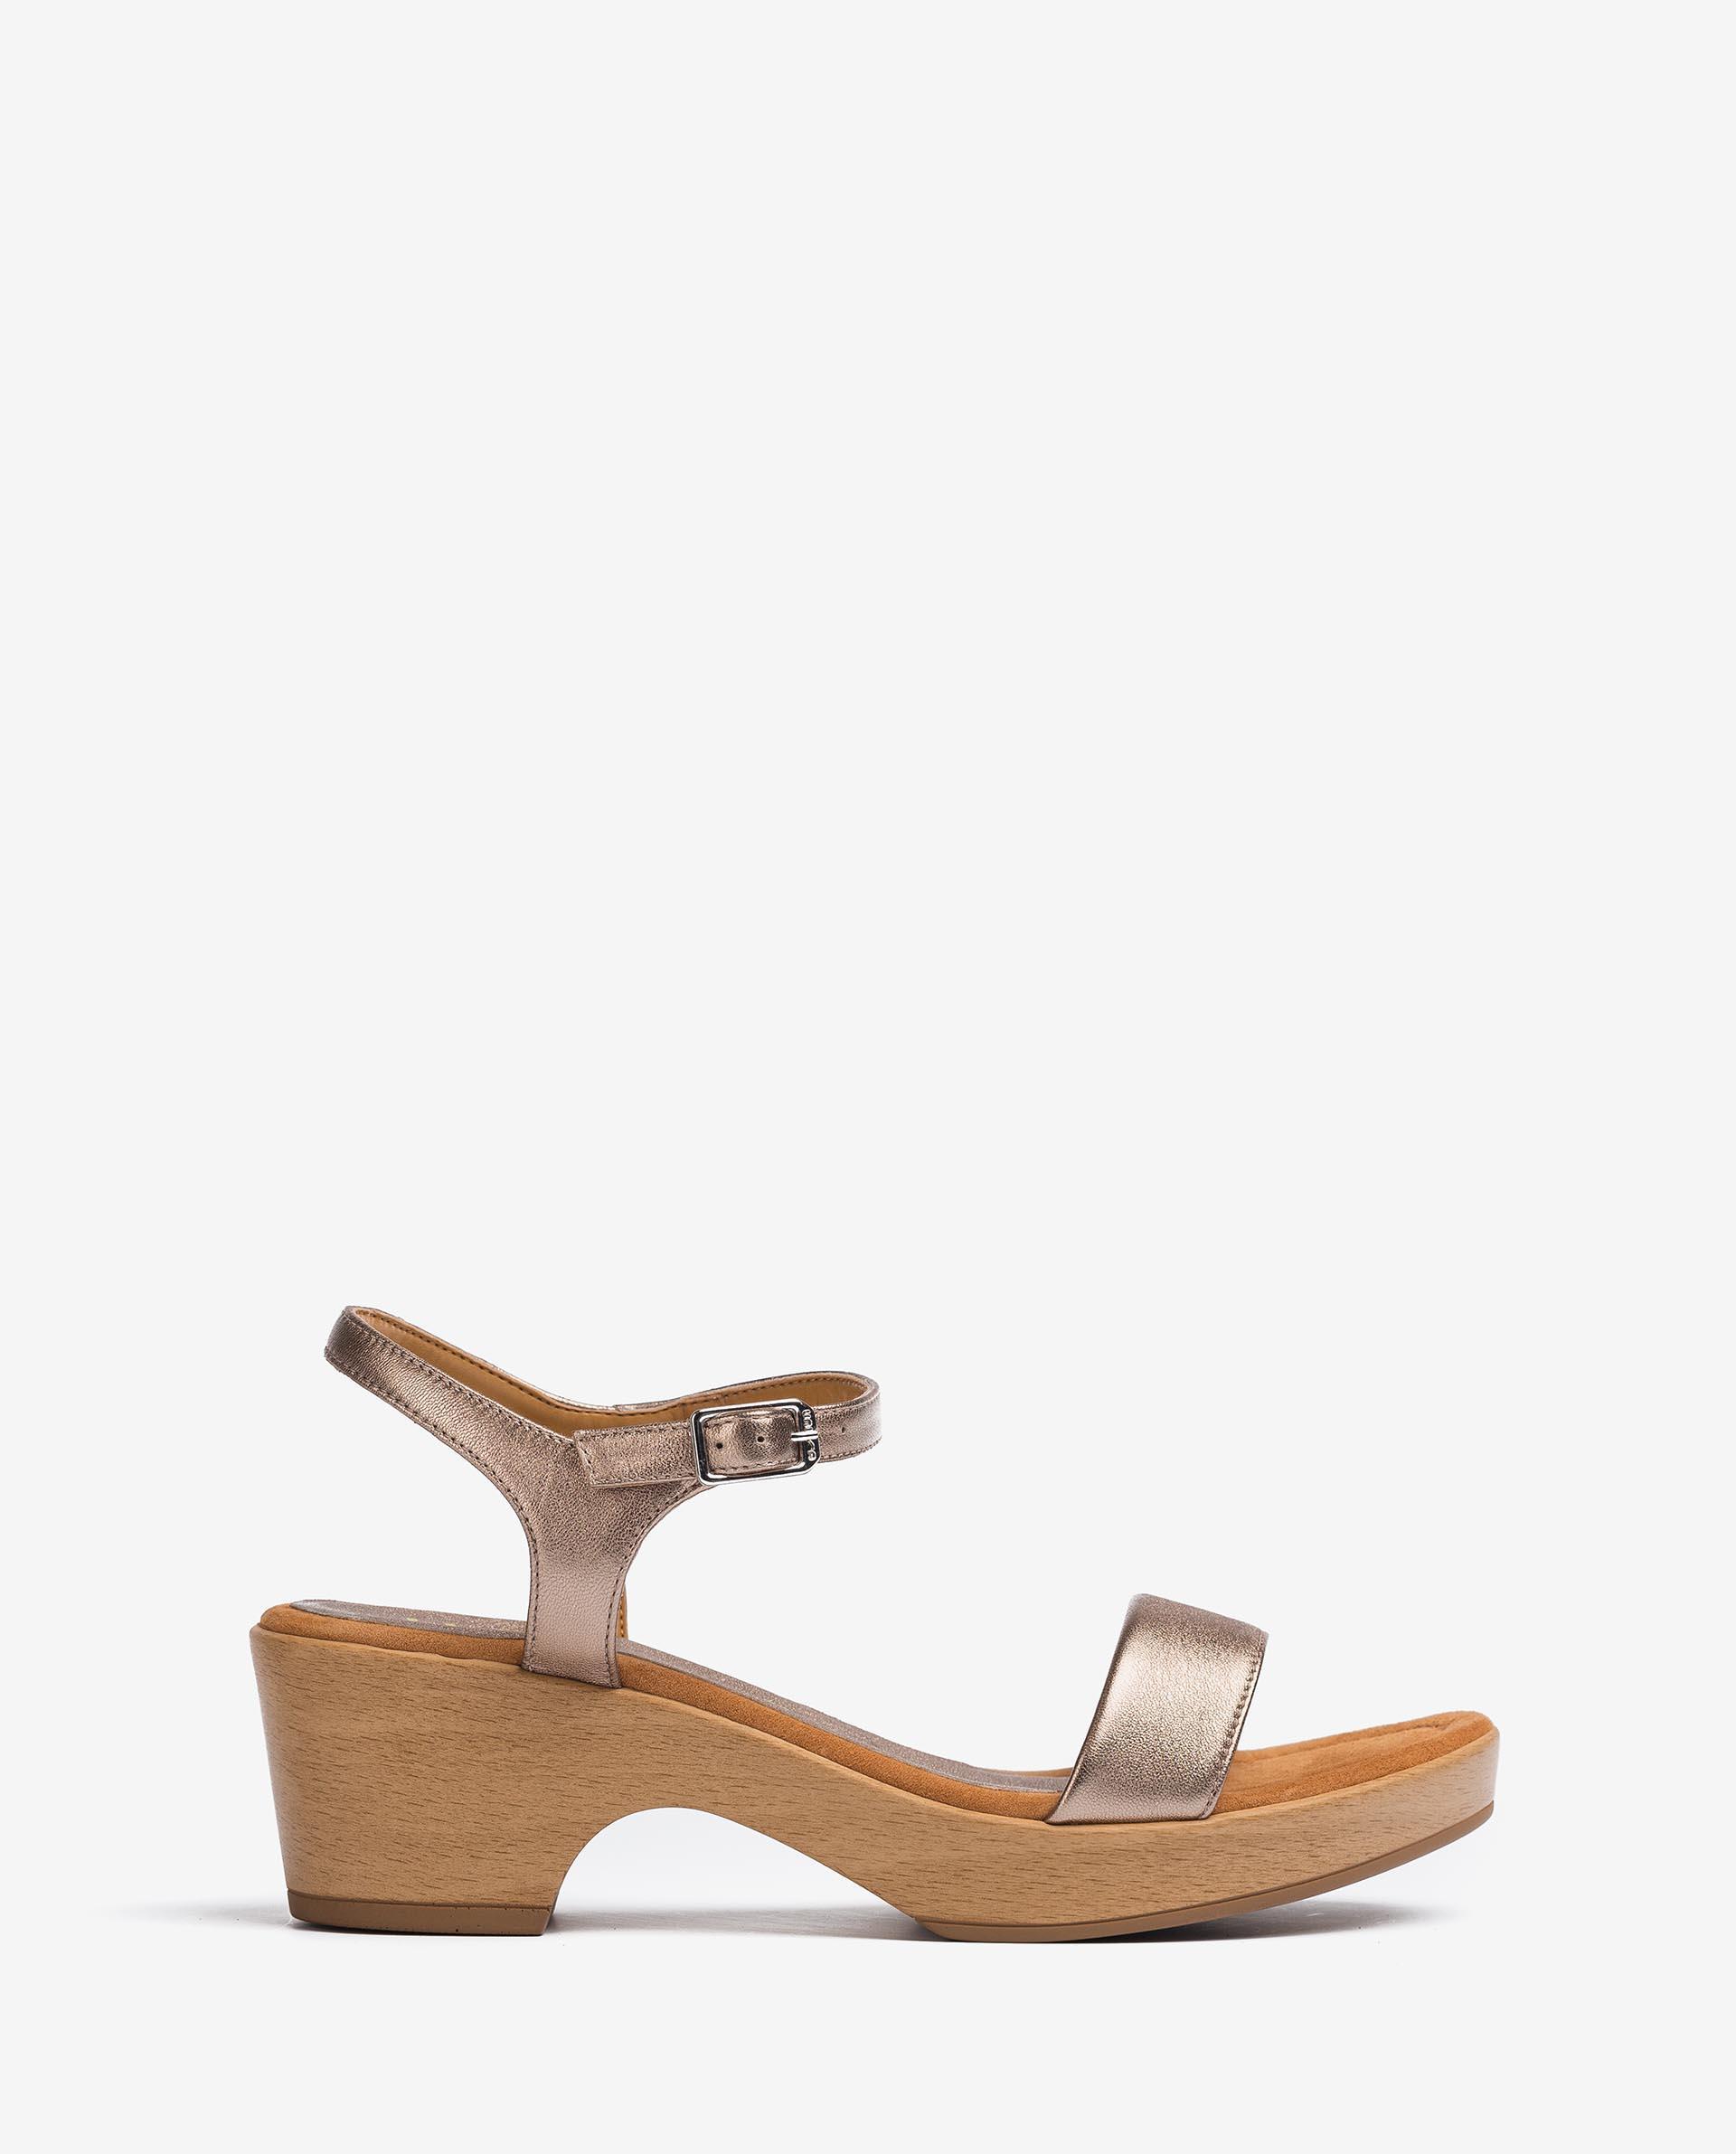 UNISA Sandalen mit Metallic-Effekt mit Blockabsatz IRITA_21_LMT 5